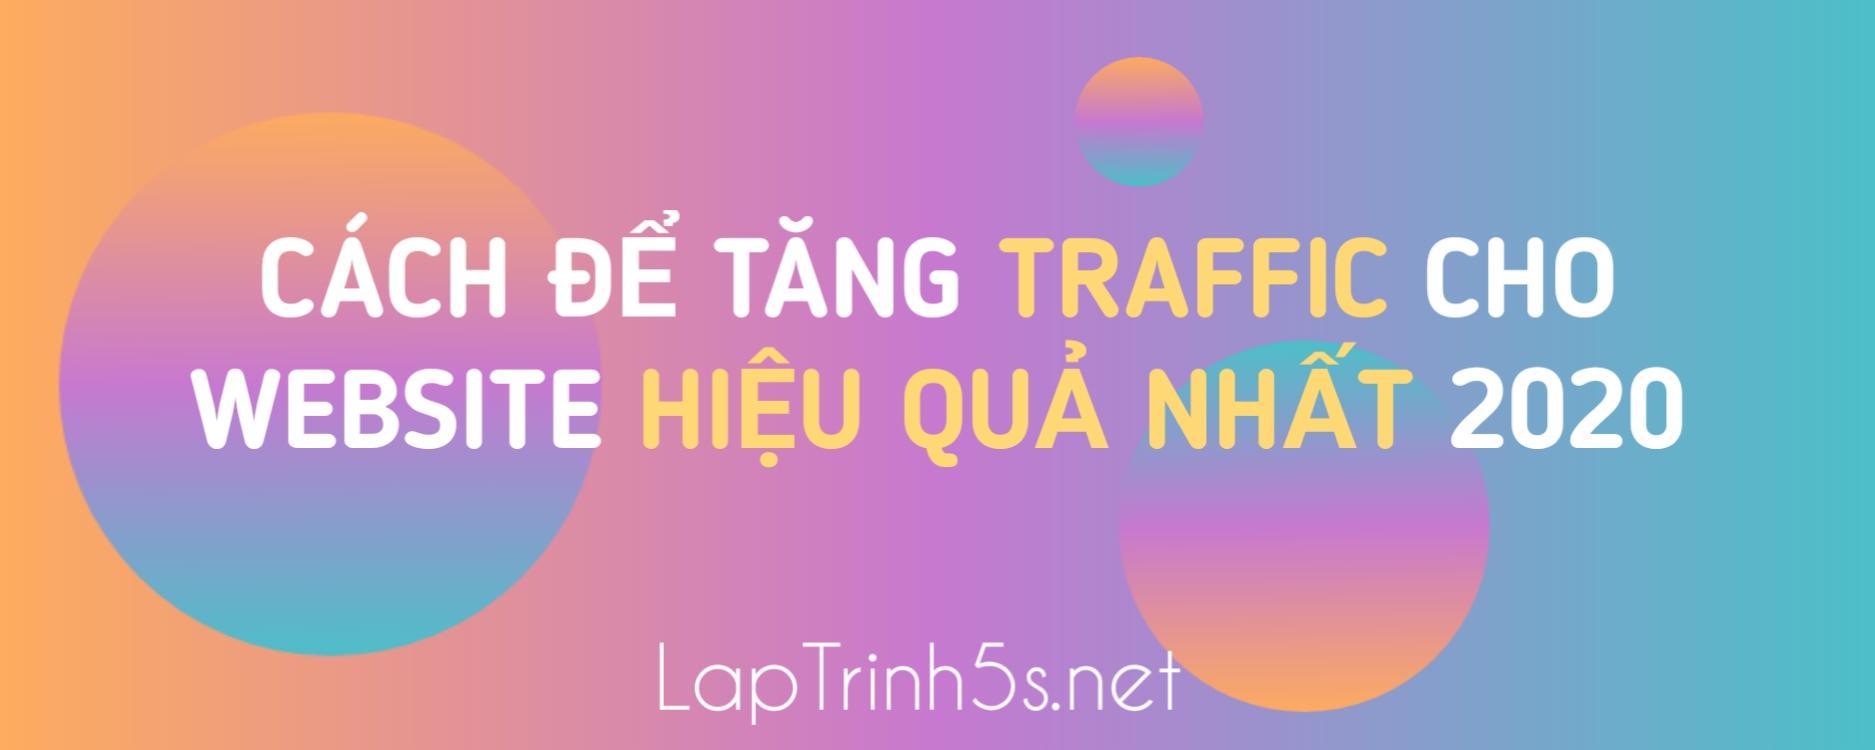 Cách Để Tăng Traffic Cho Website Hiệu Quả Nhất 2020